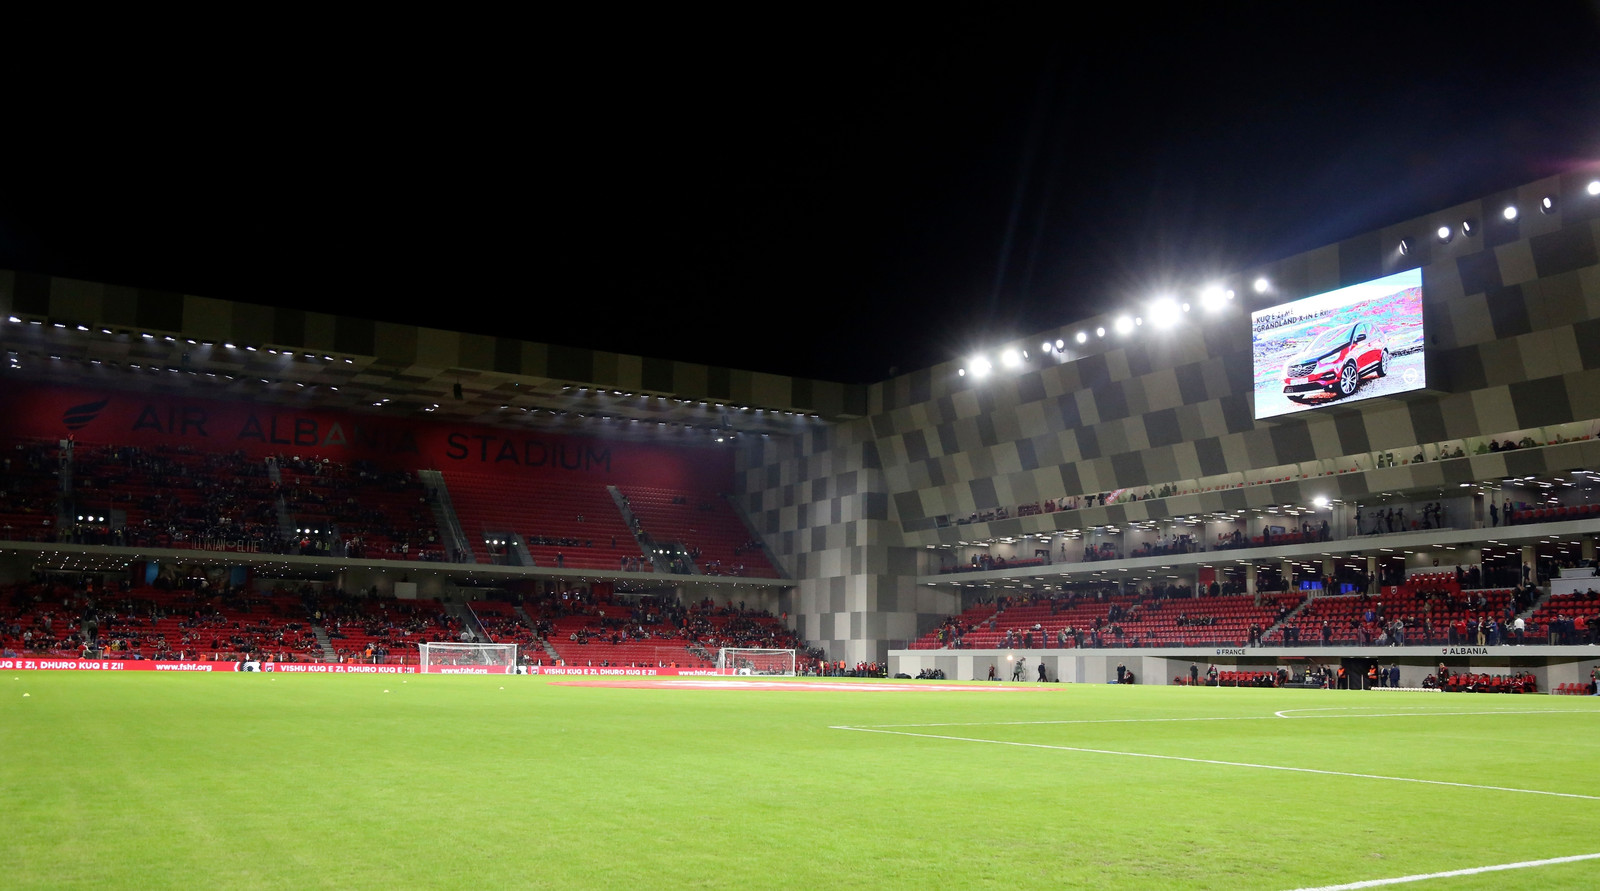 Arena Kombetare, de plek waar de finale plaats vindt.